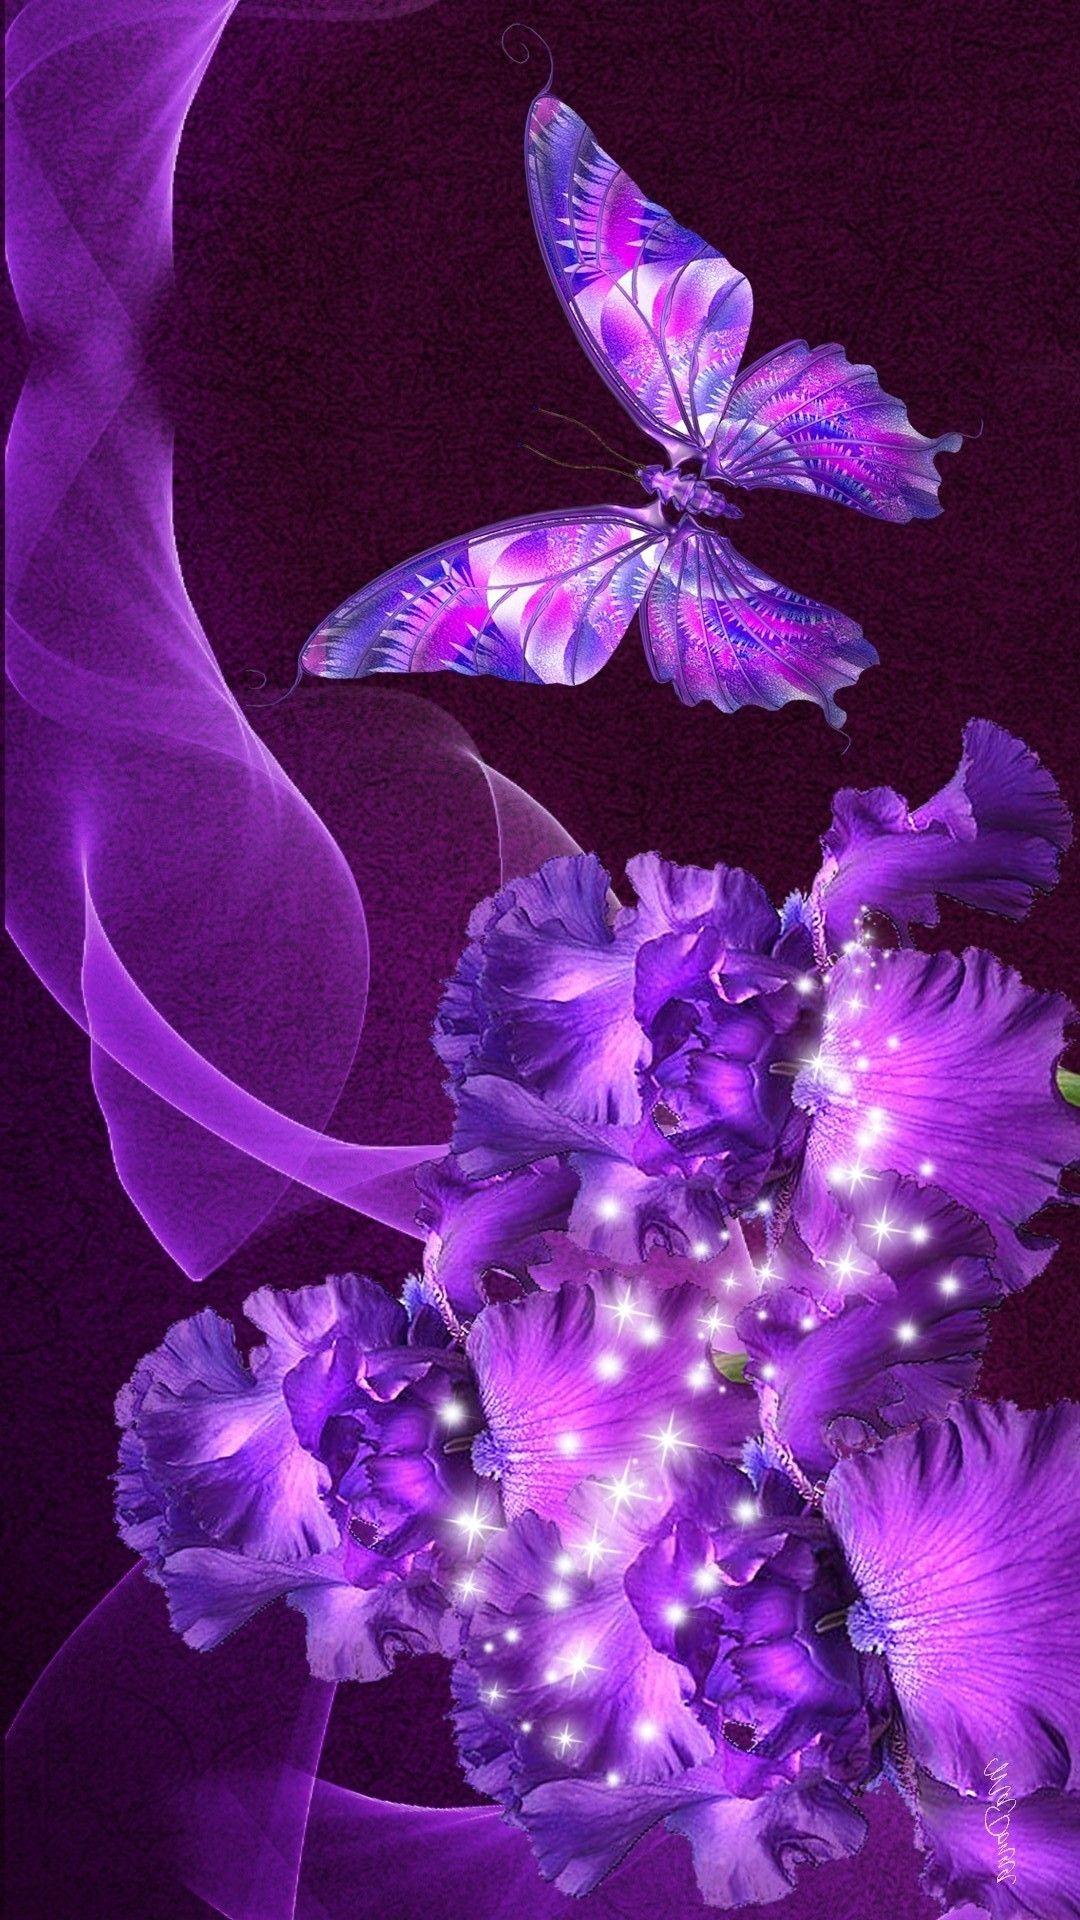 Wallpaper Purple Butterfly Mobile | Best HD Wallpapers ...